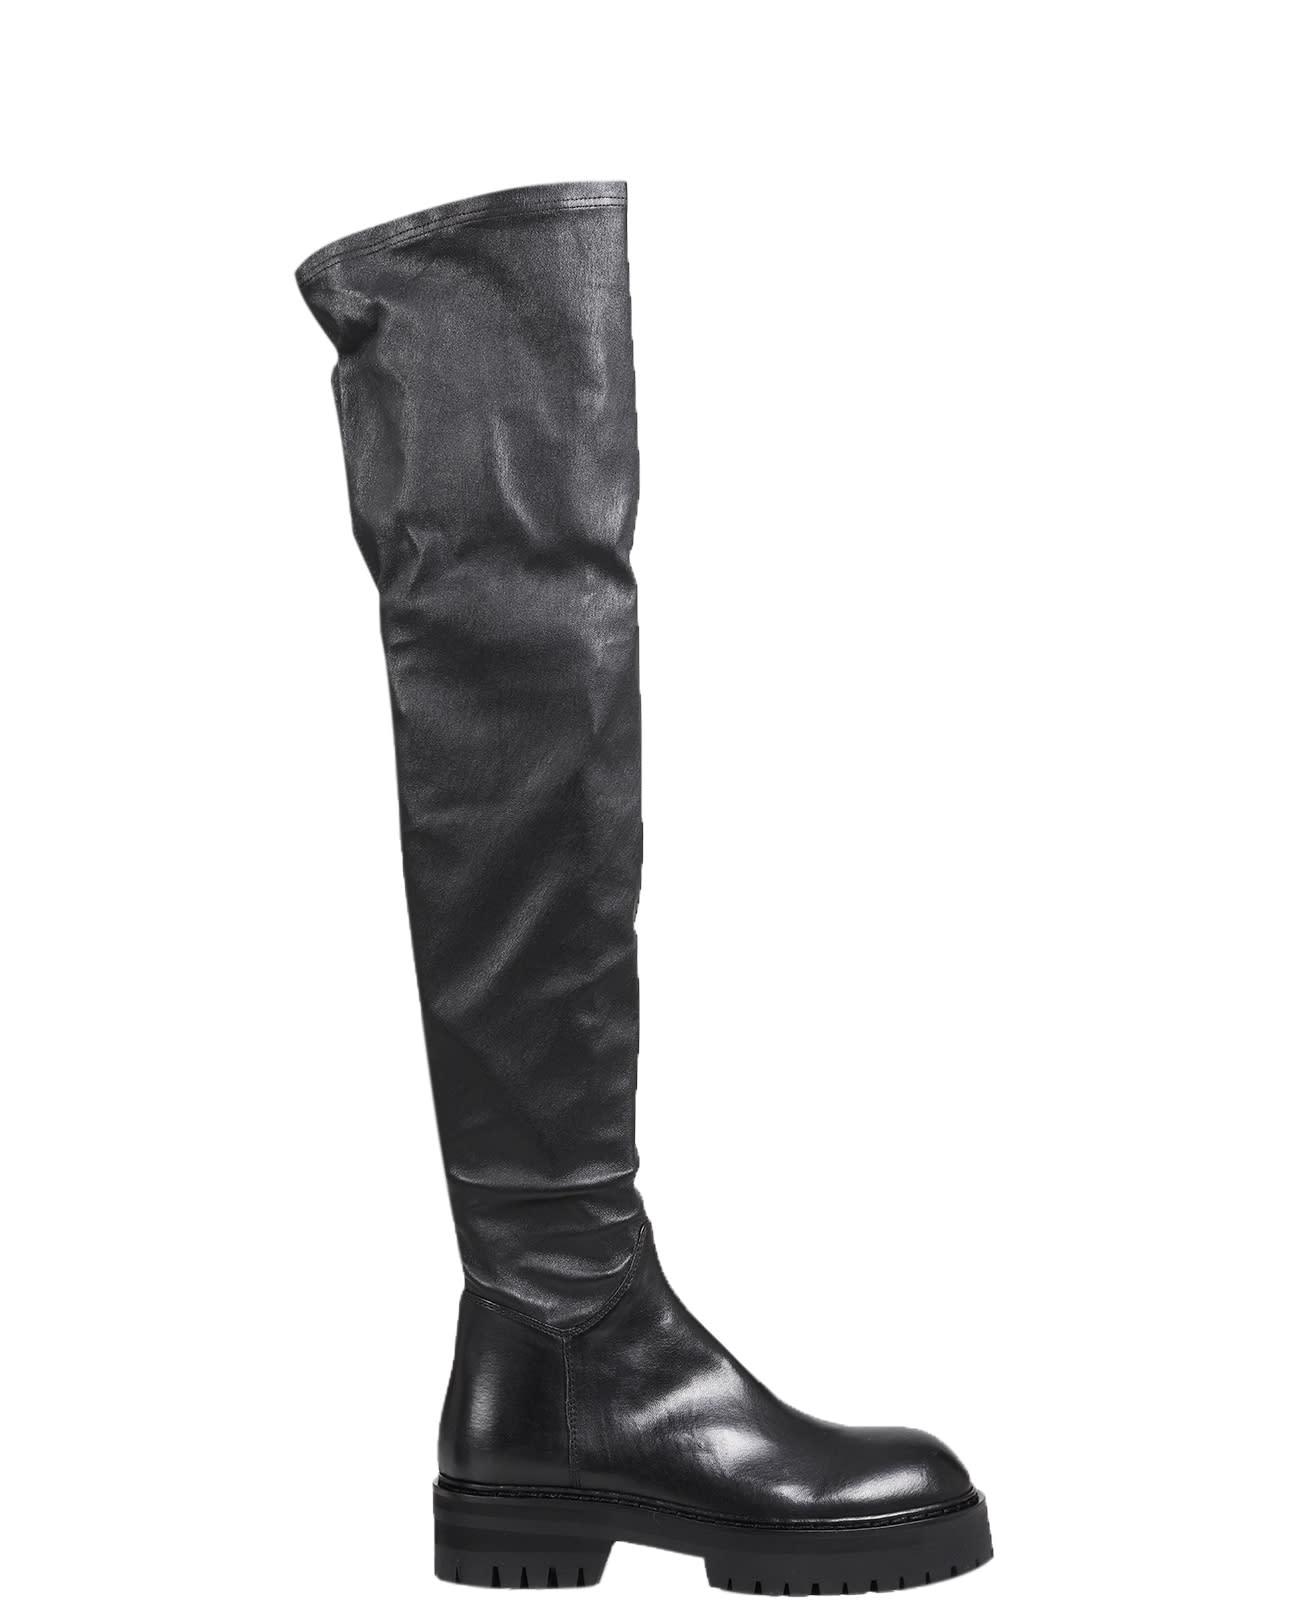 Ann Demeulemeester Black High Boots